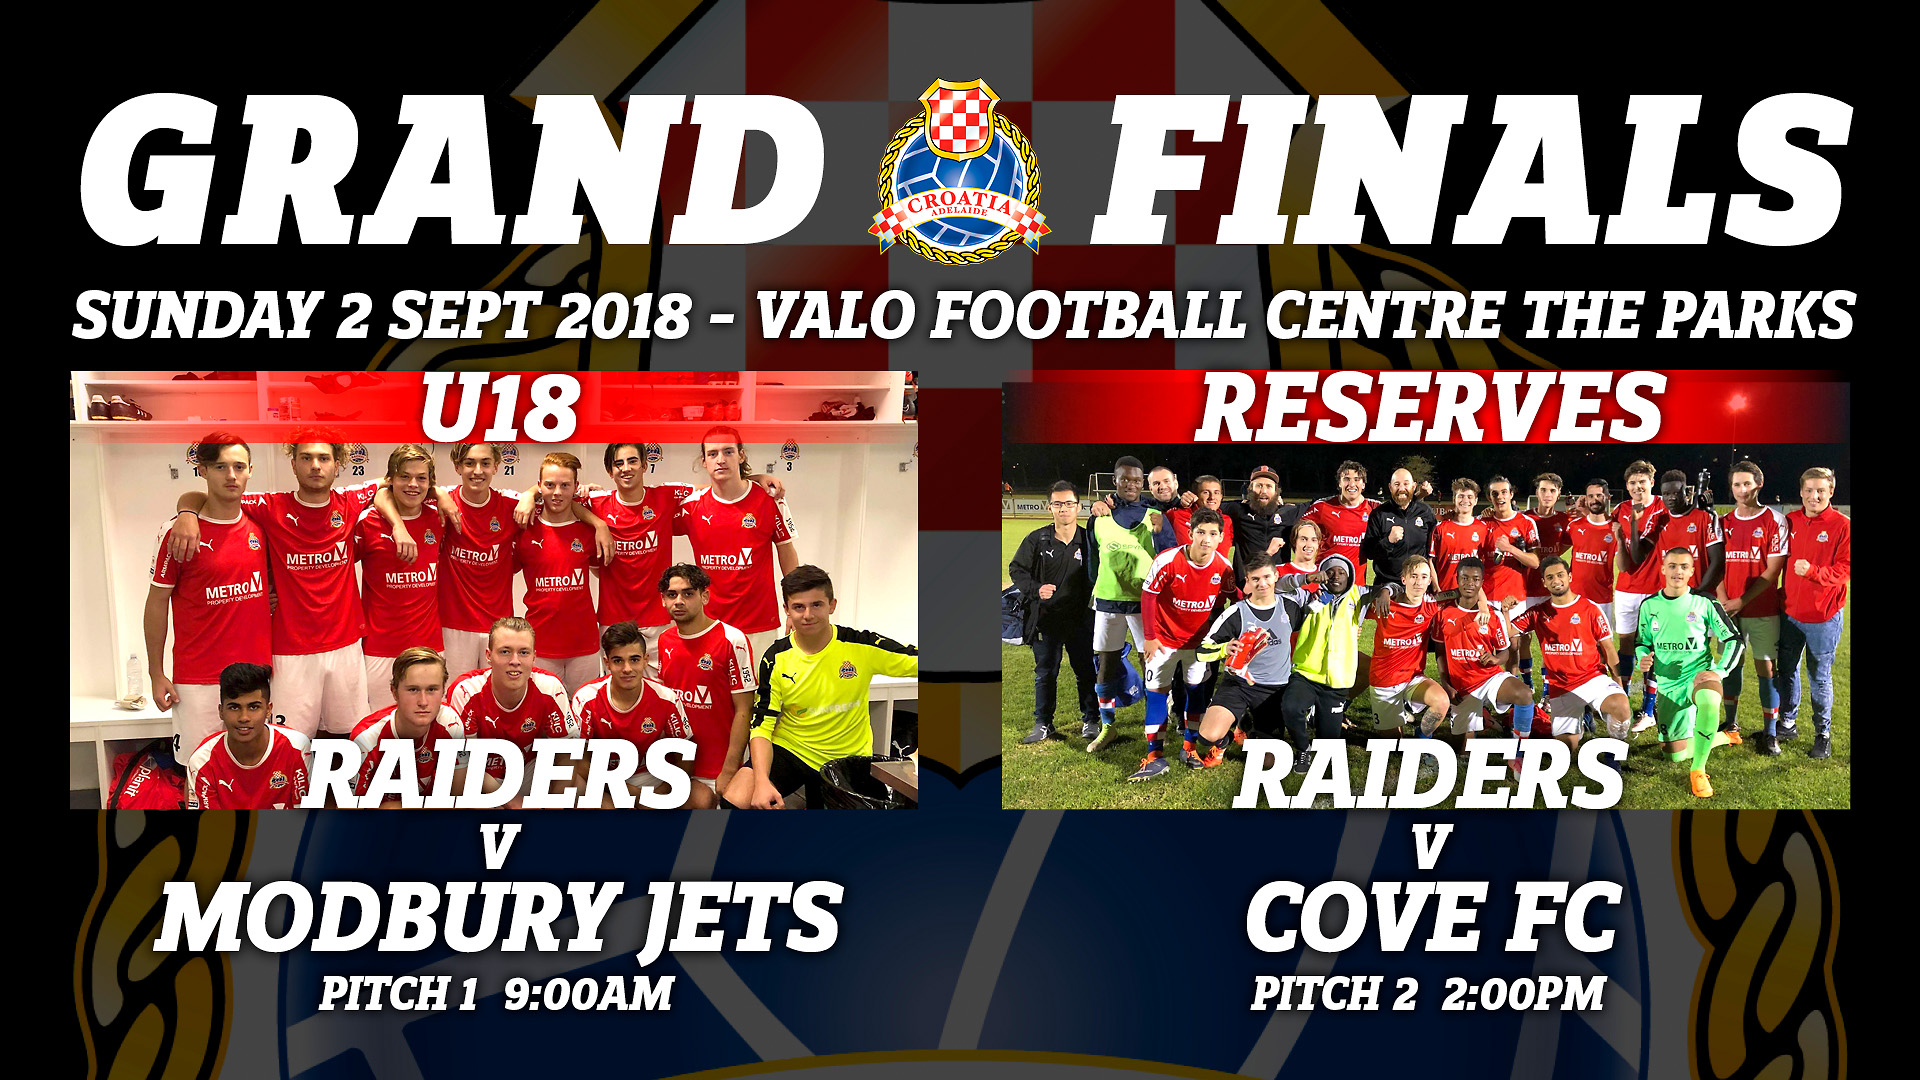 ACSC-Reserves-U18-Grand-Finals-2018-FB-Event.jpg